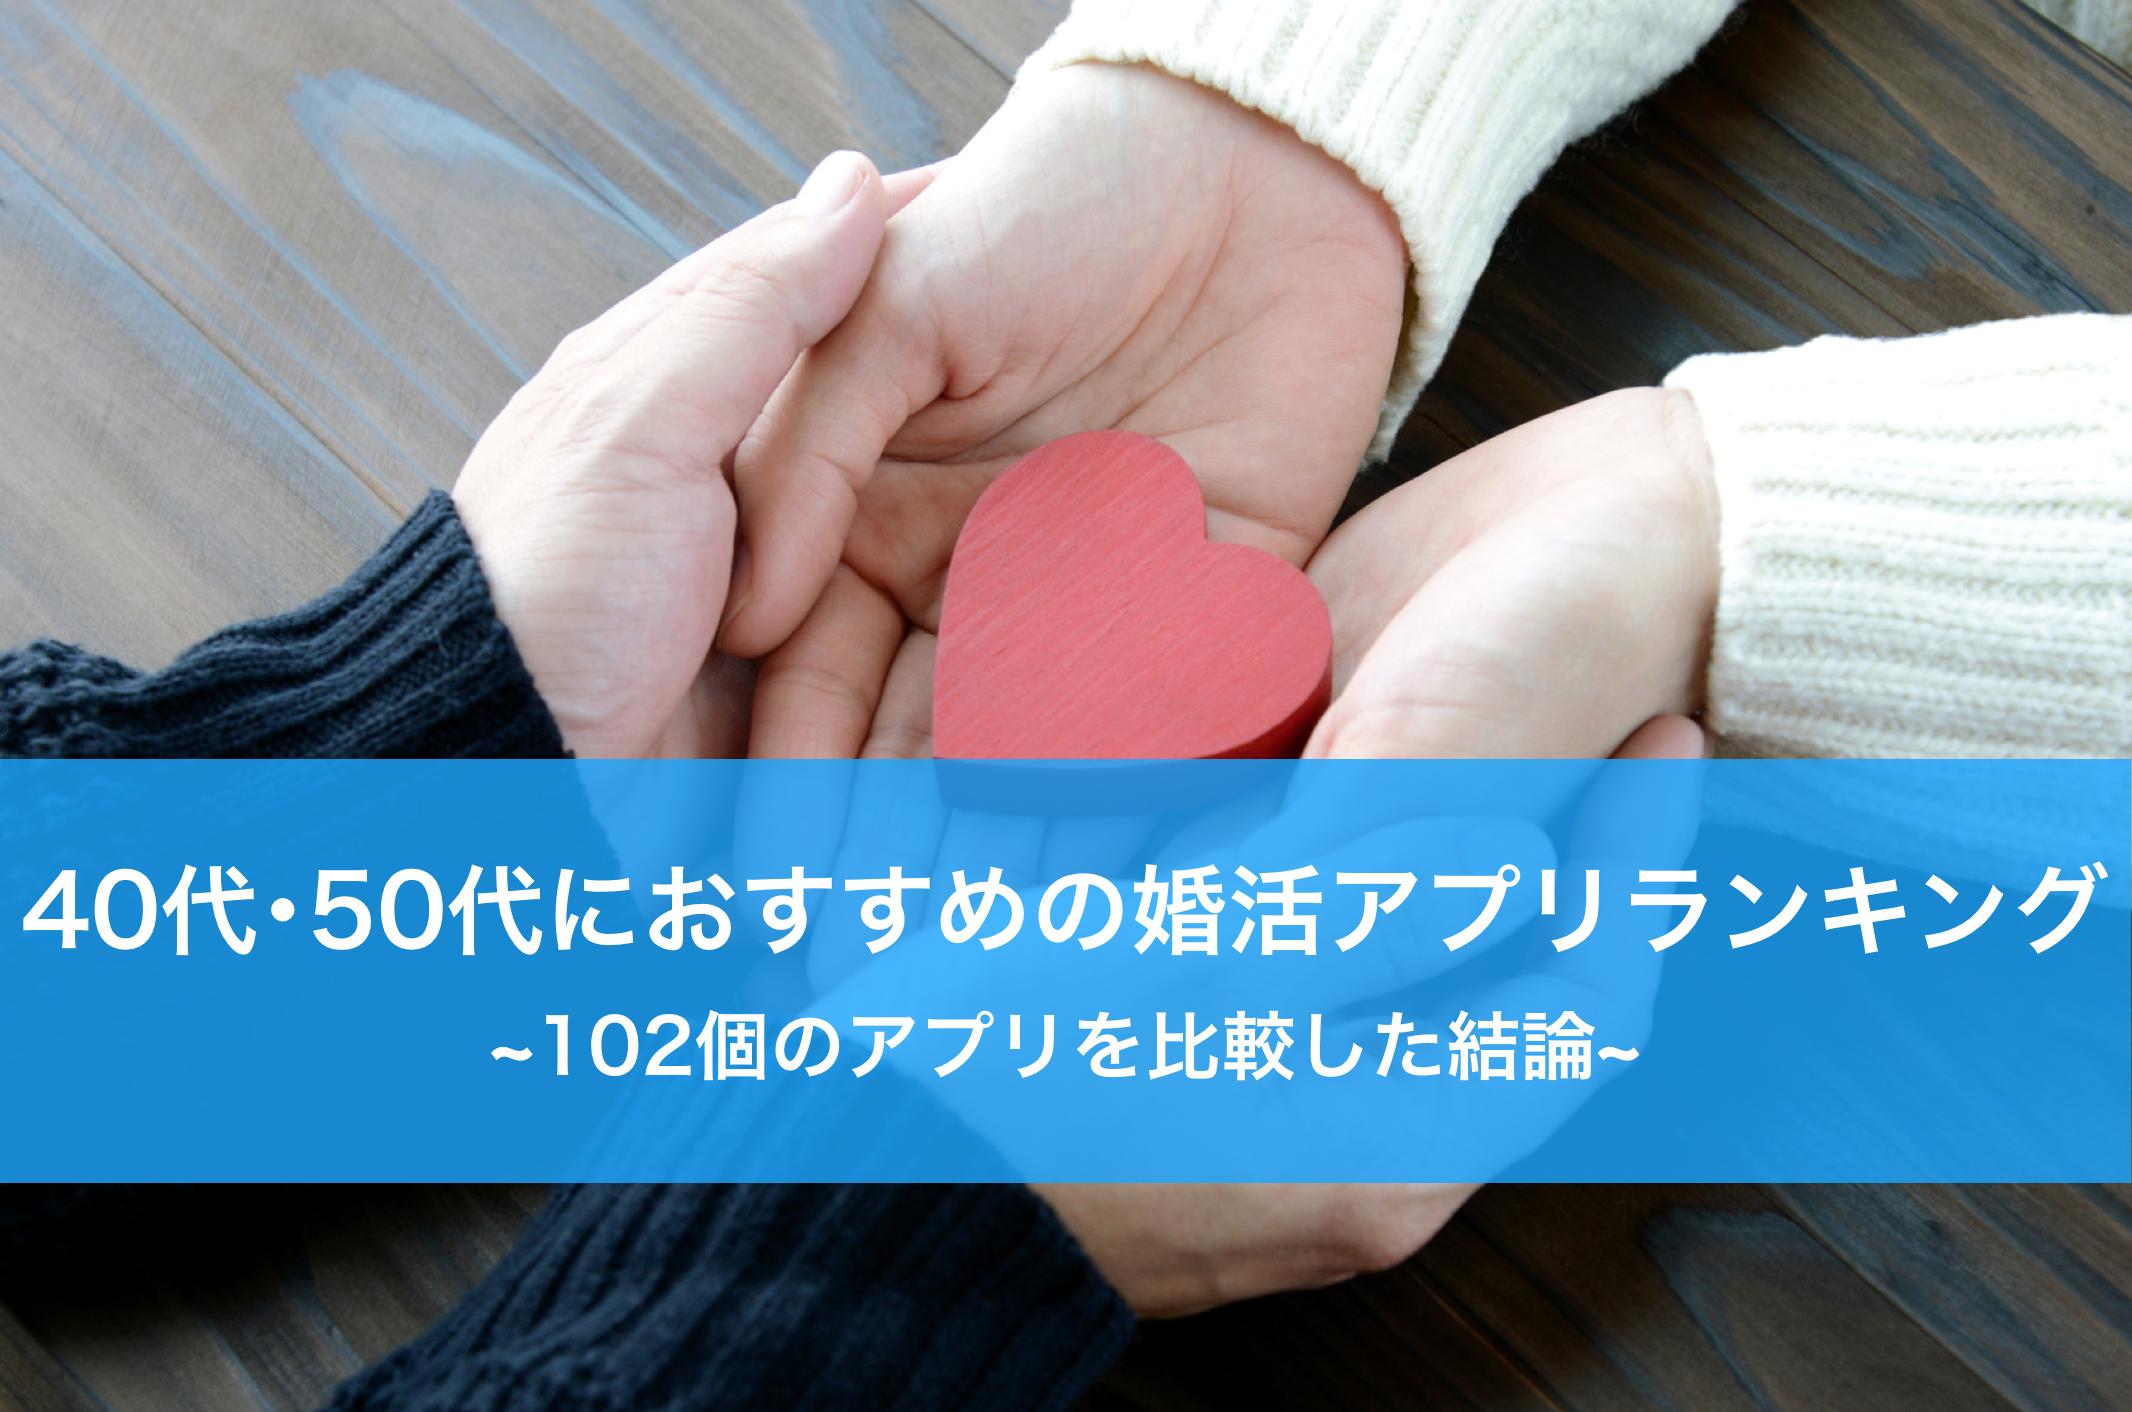 恋活アプリ 50代